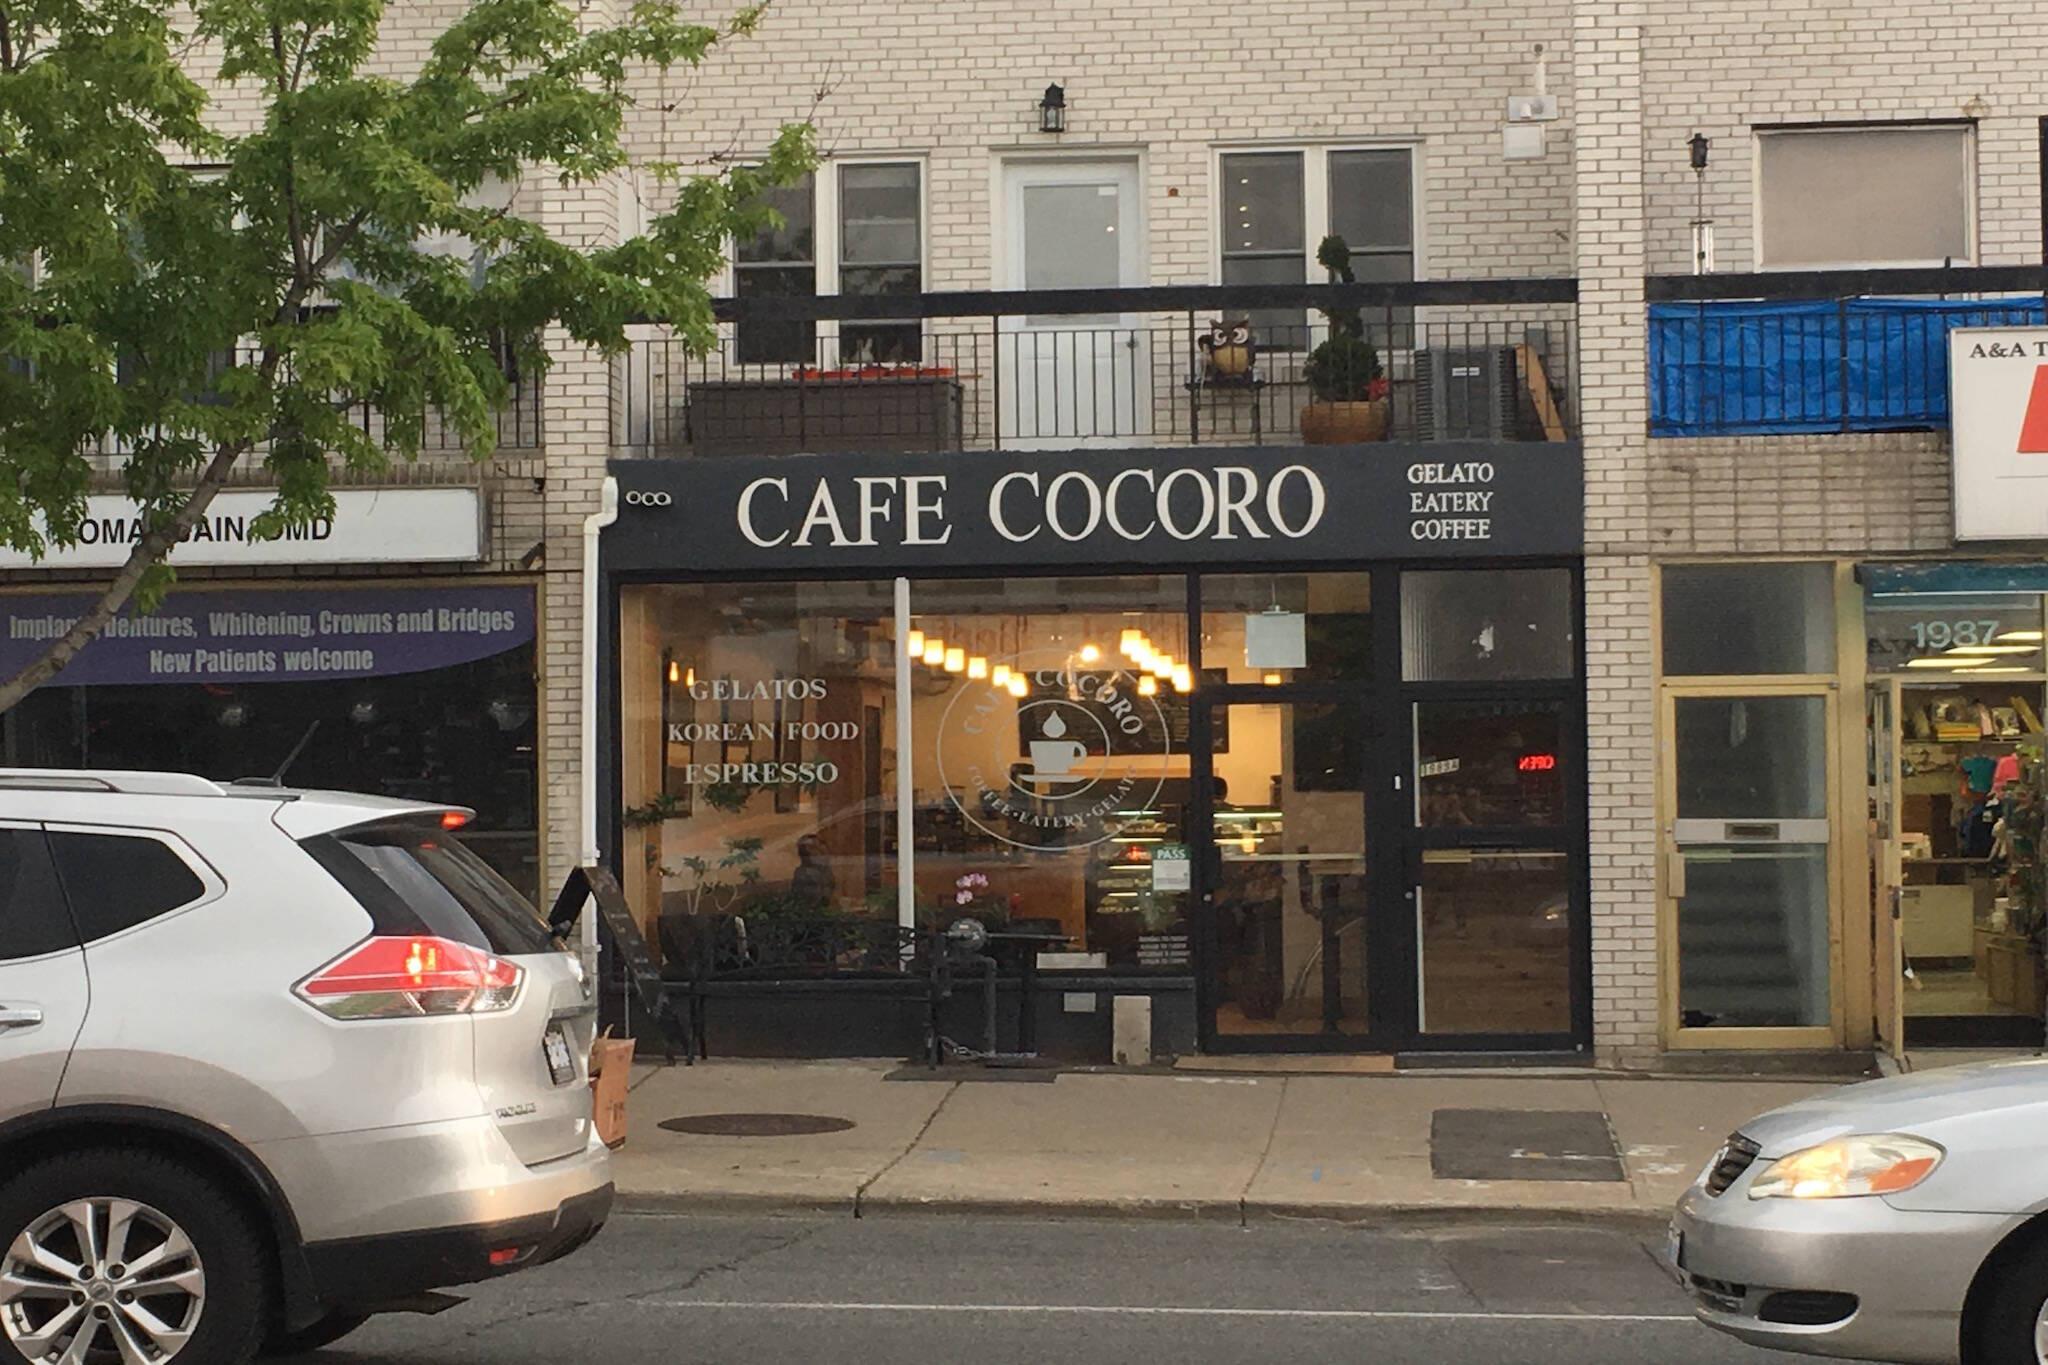 Cafe Cocoro Toronto